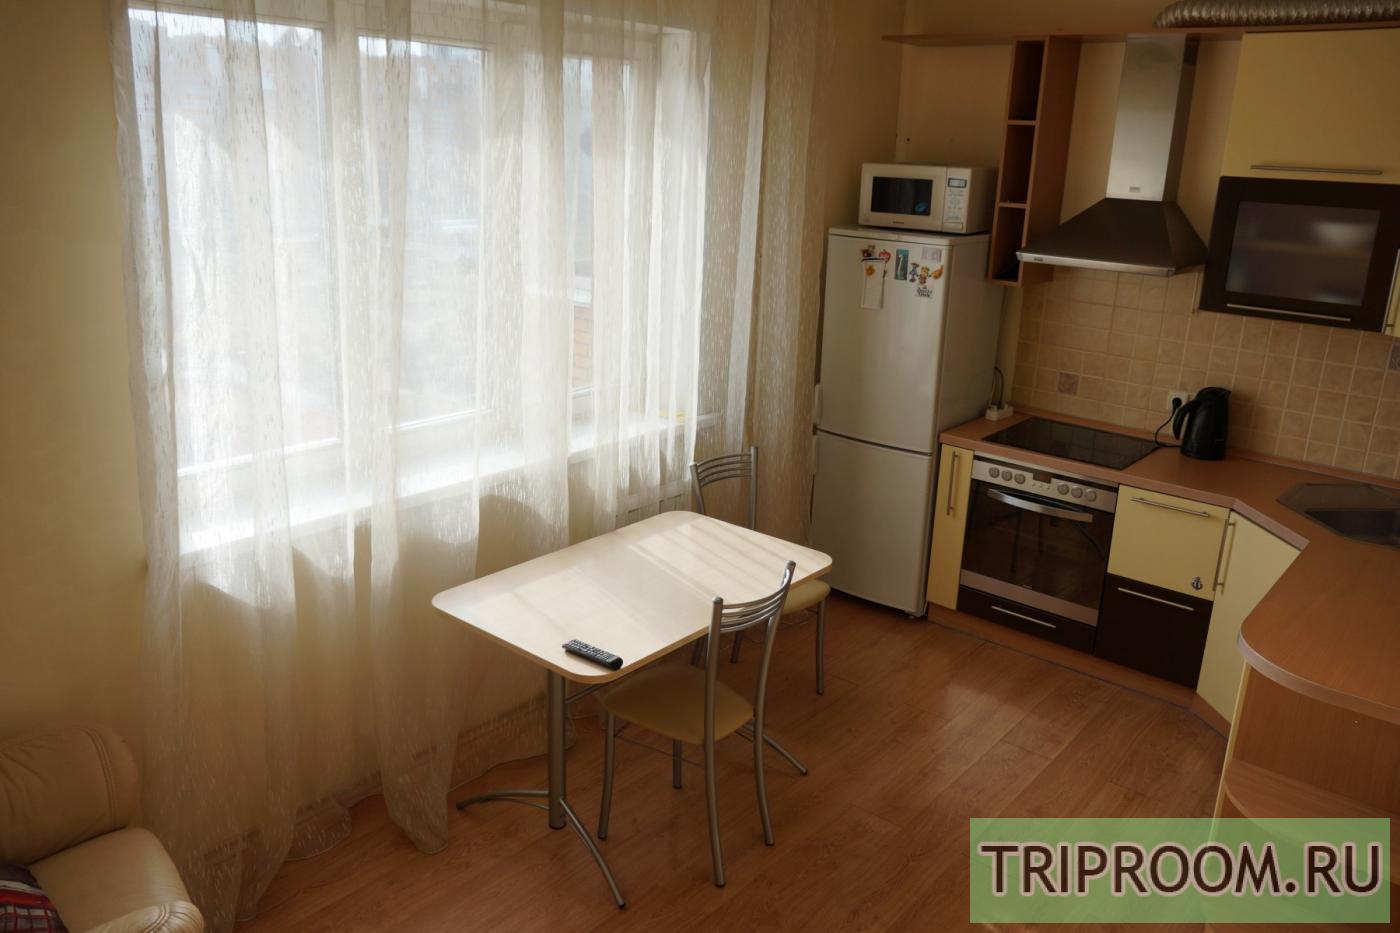 1-комнатная квартира посуточно (вариант № 23799), ул. Авиаторов улица, фото № 14